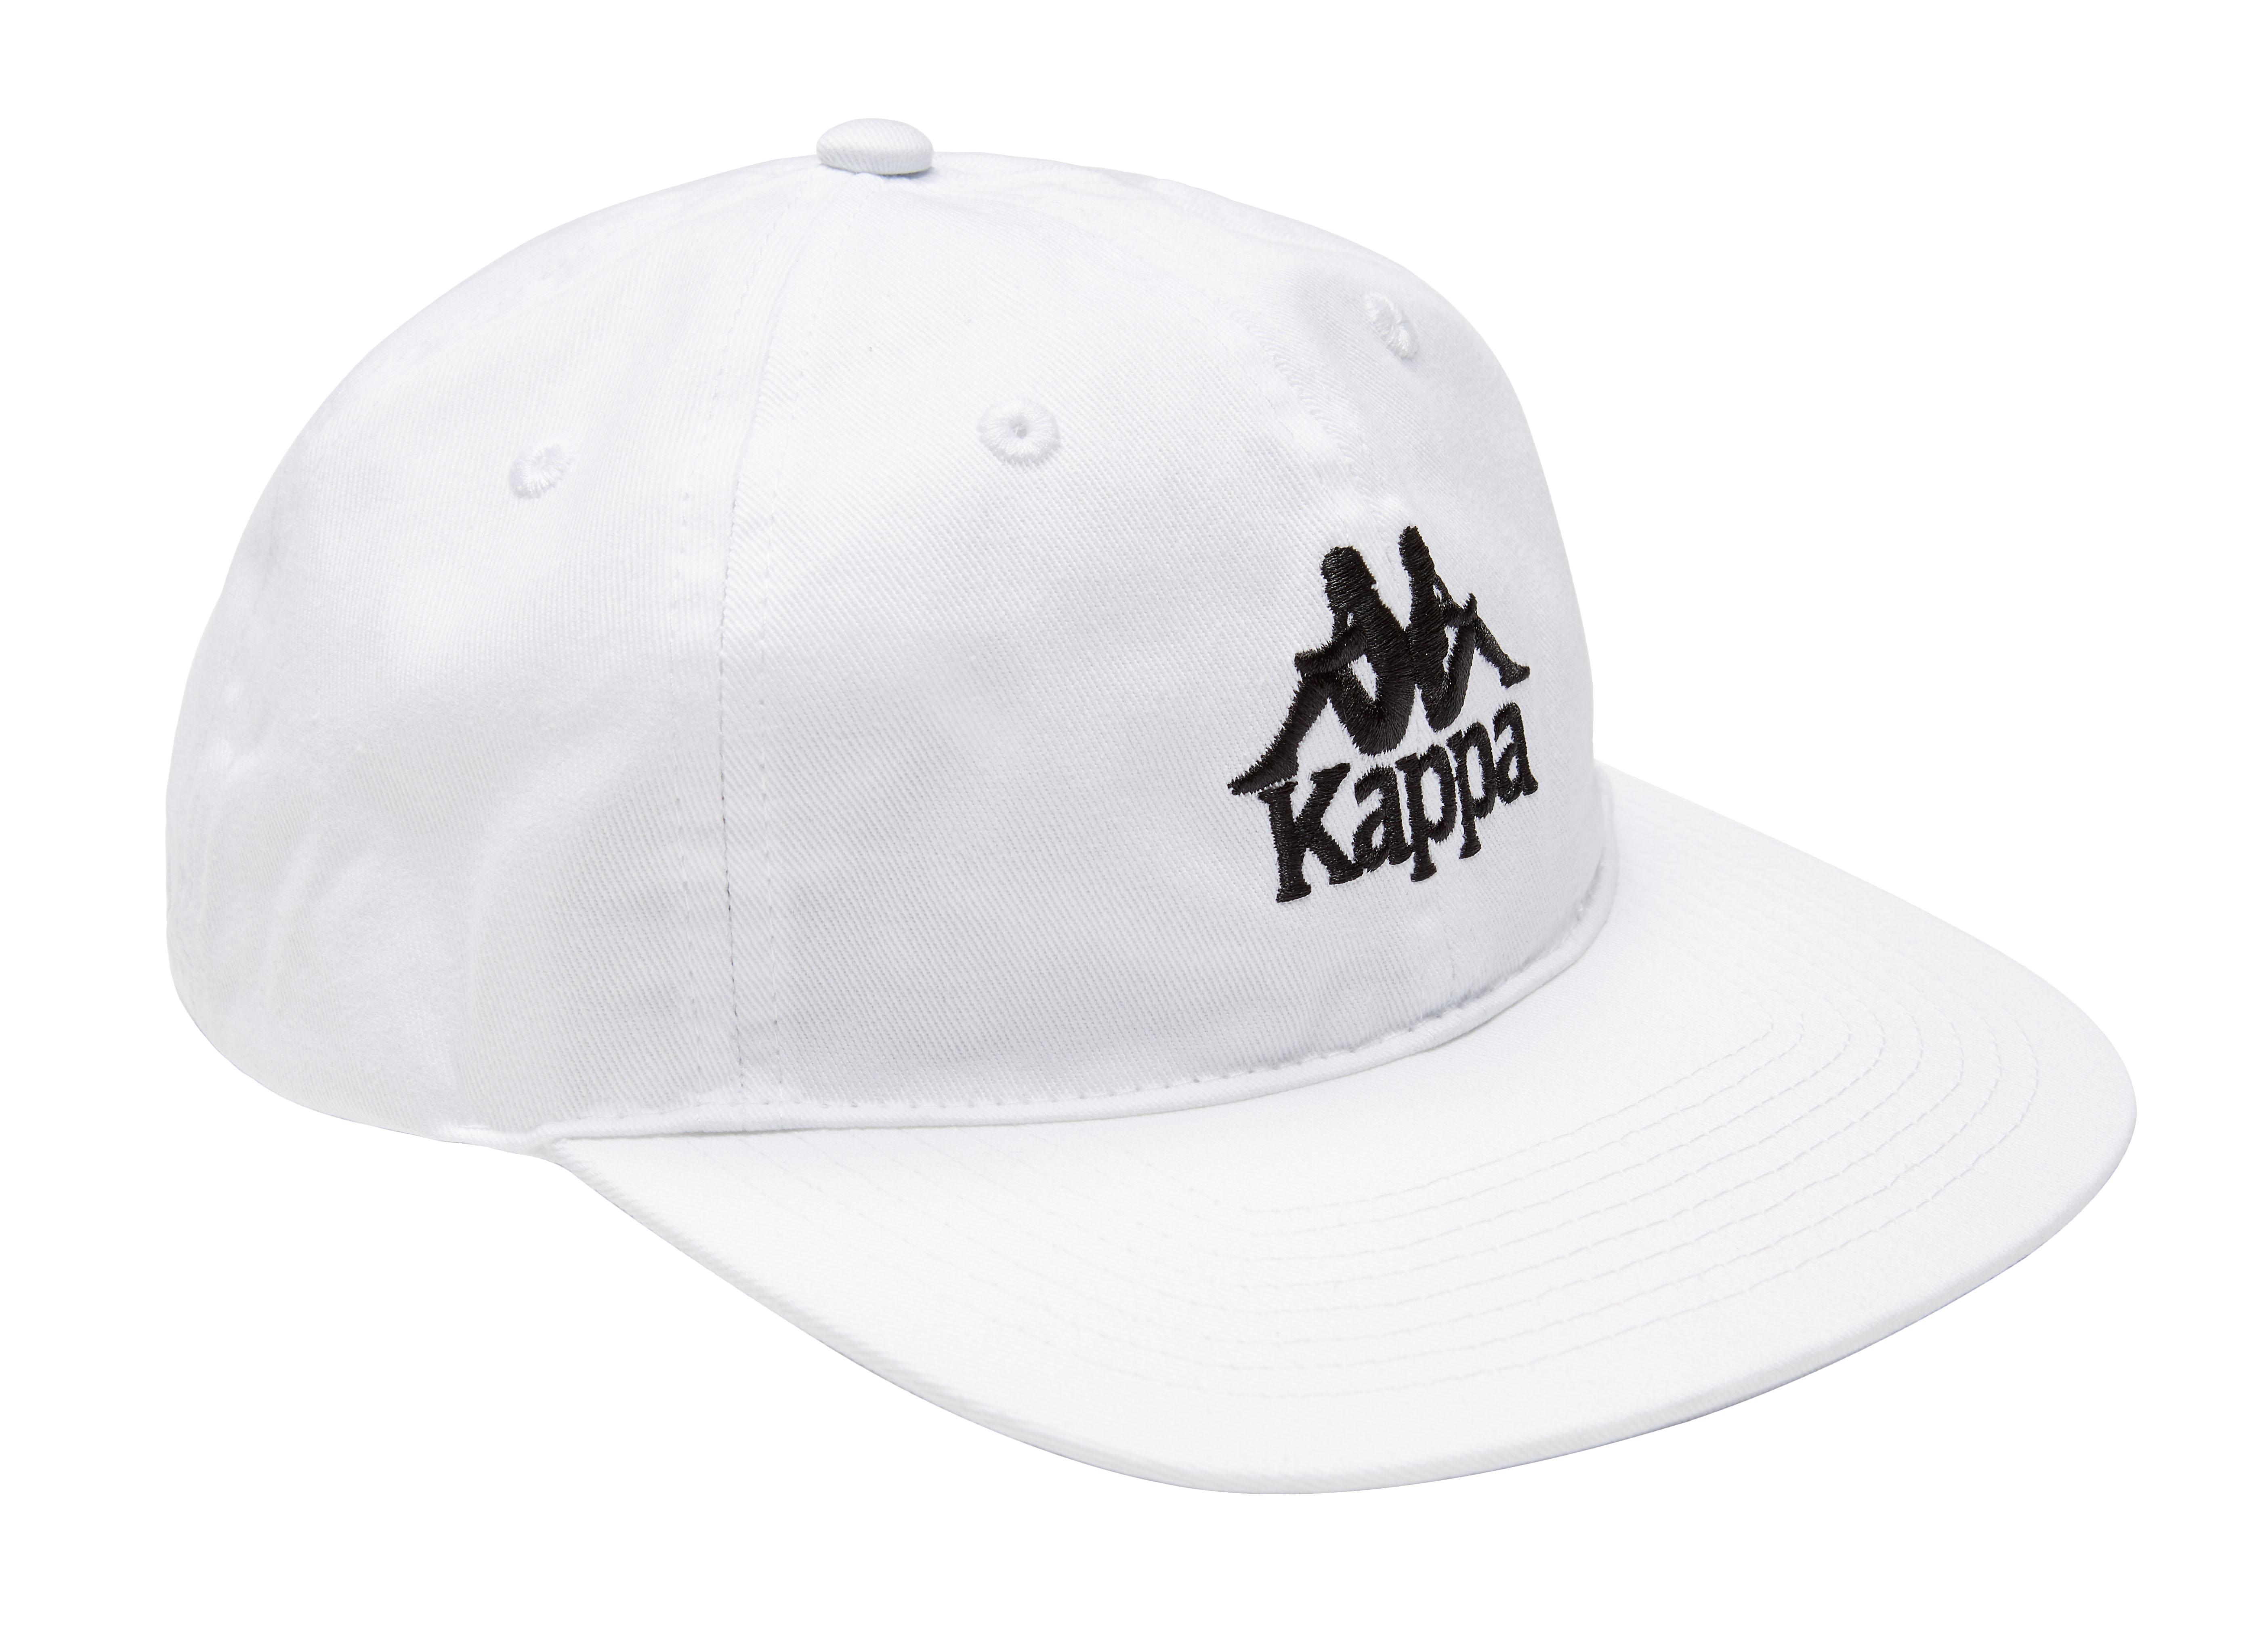 SSENSE_Kappa_SSENSE Exclusive White Kappa Cap